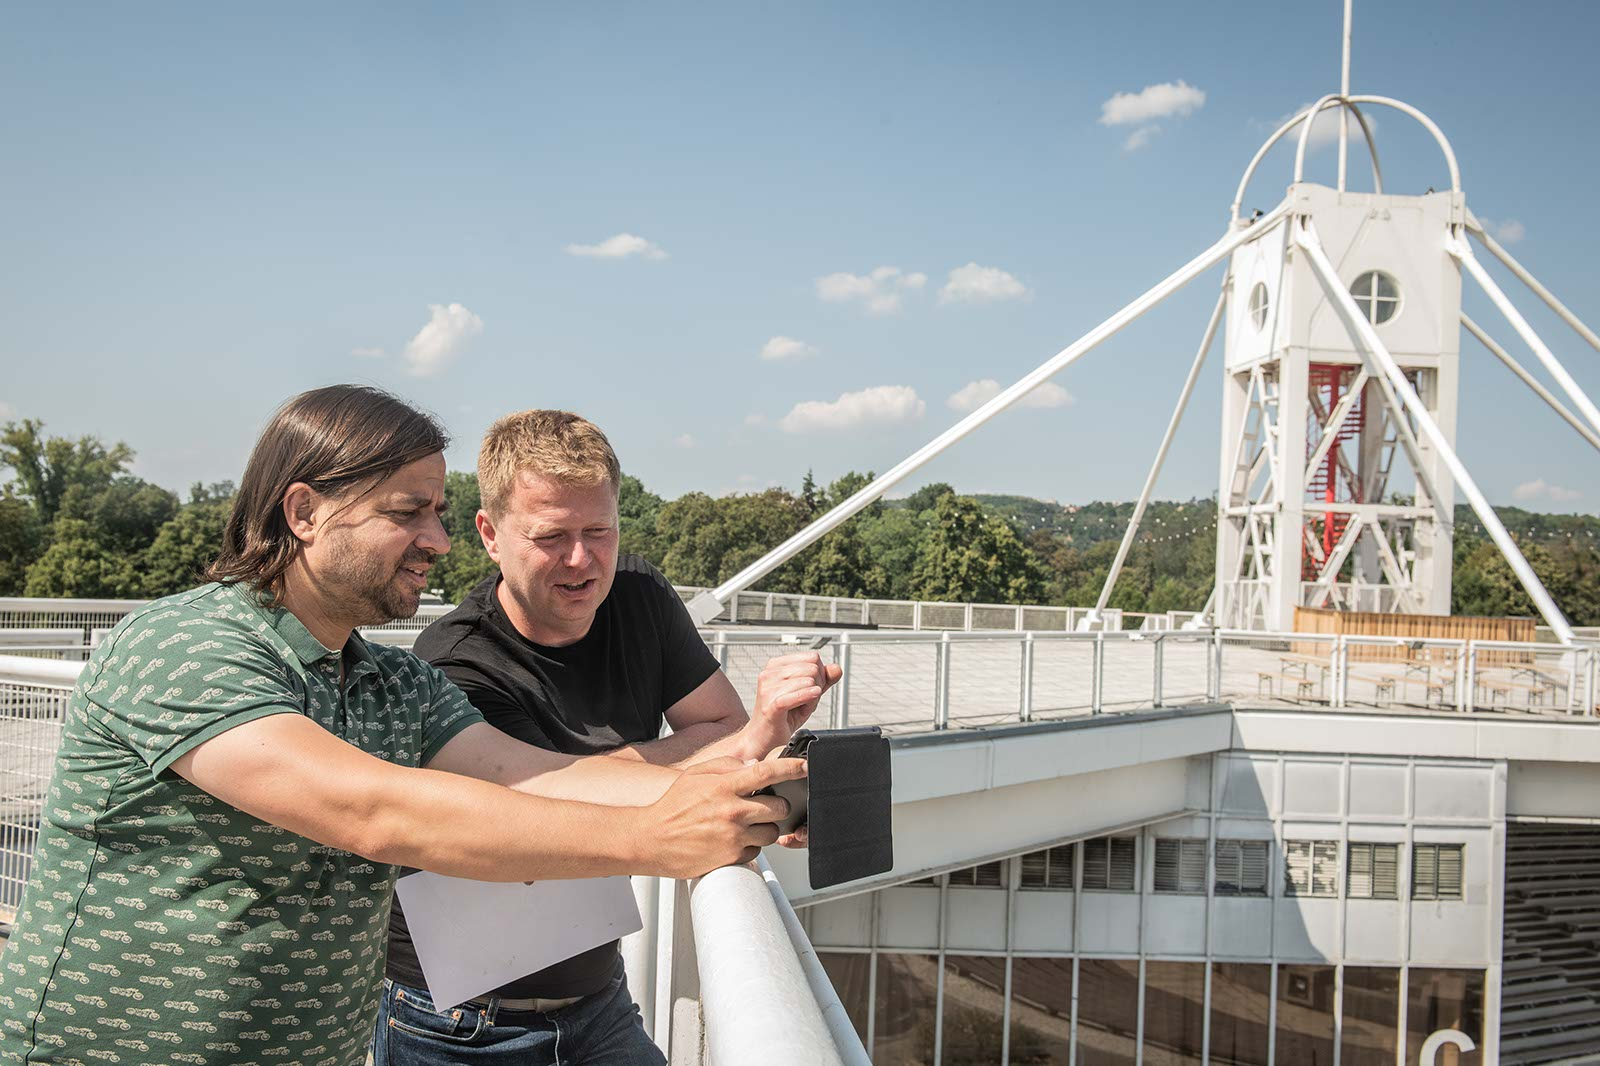 David Gaydečka a Martin Voňka na střeše Křižíkova pavilonu na pražském Výstavišti plánují Půlmetronome